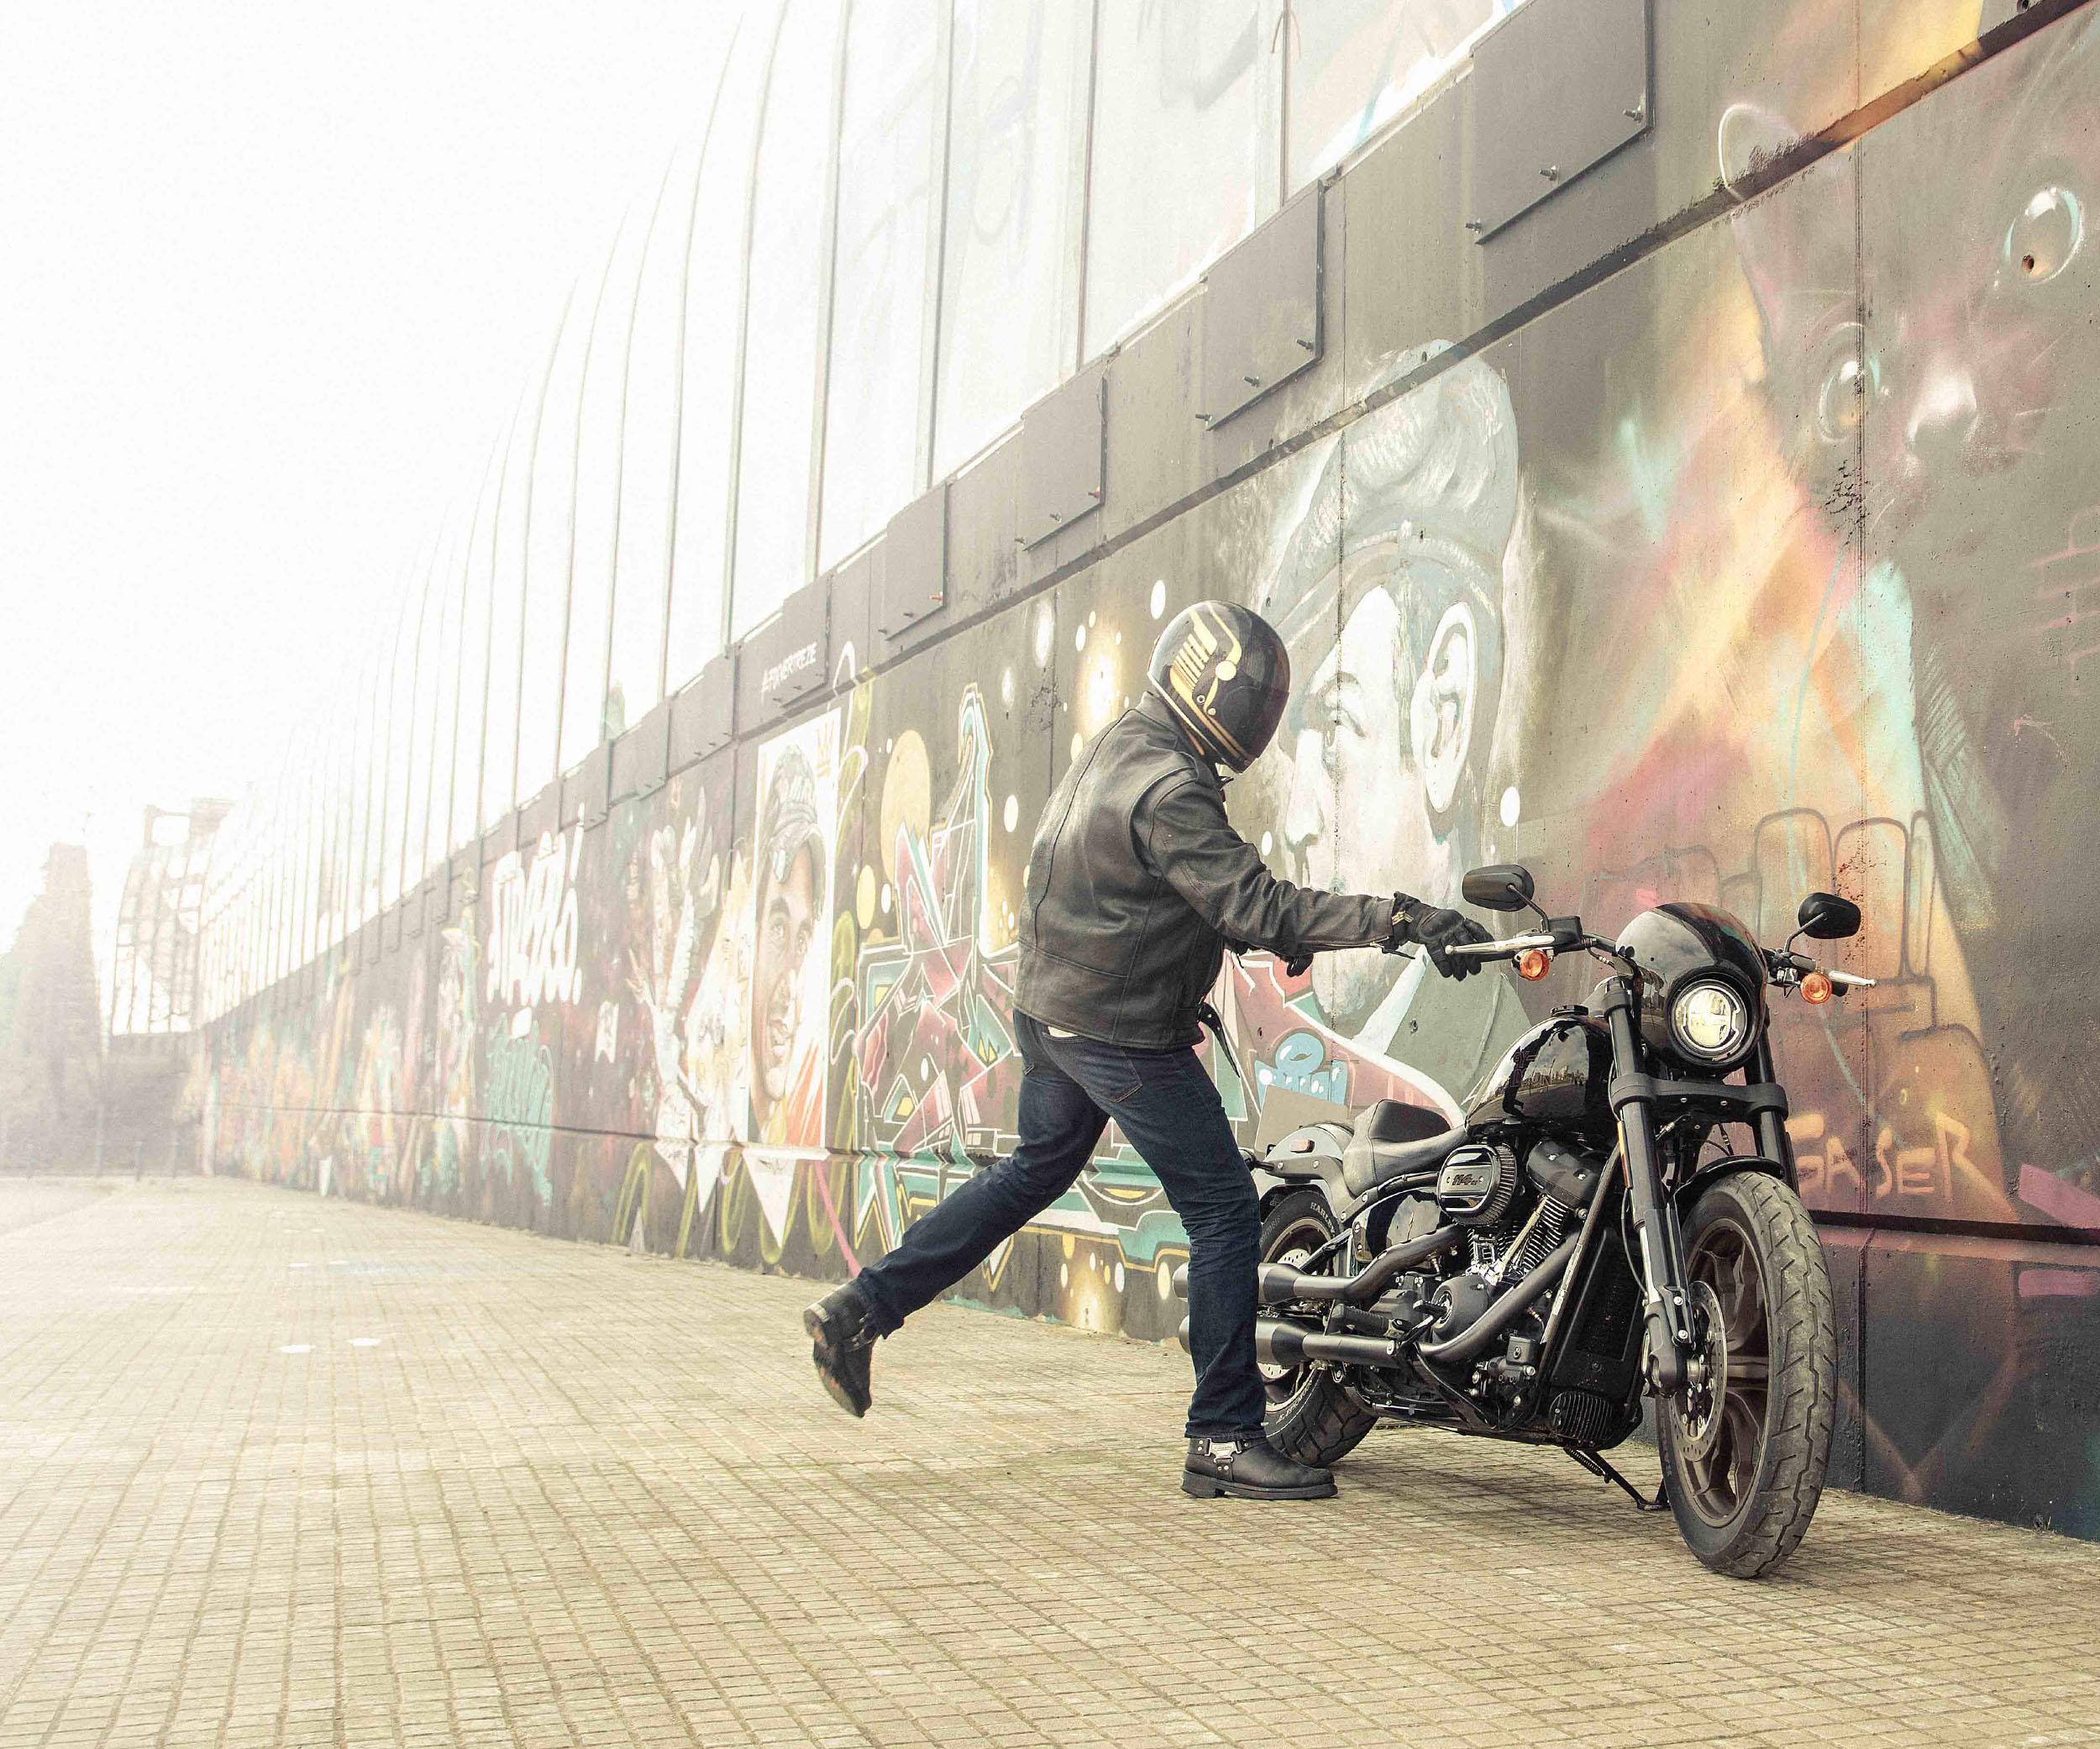 0Wfotografia-motos-motor-motosnet-dosruedas-fotografa-barcelona-motocicleta-harley